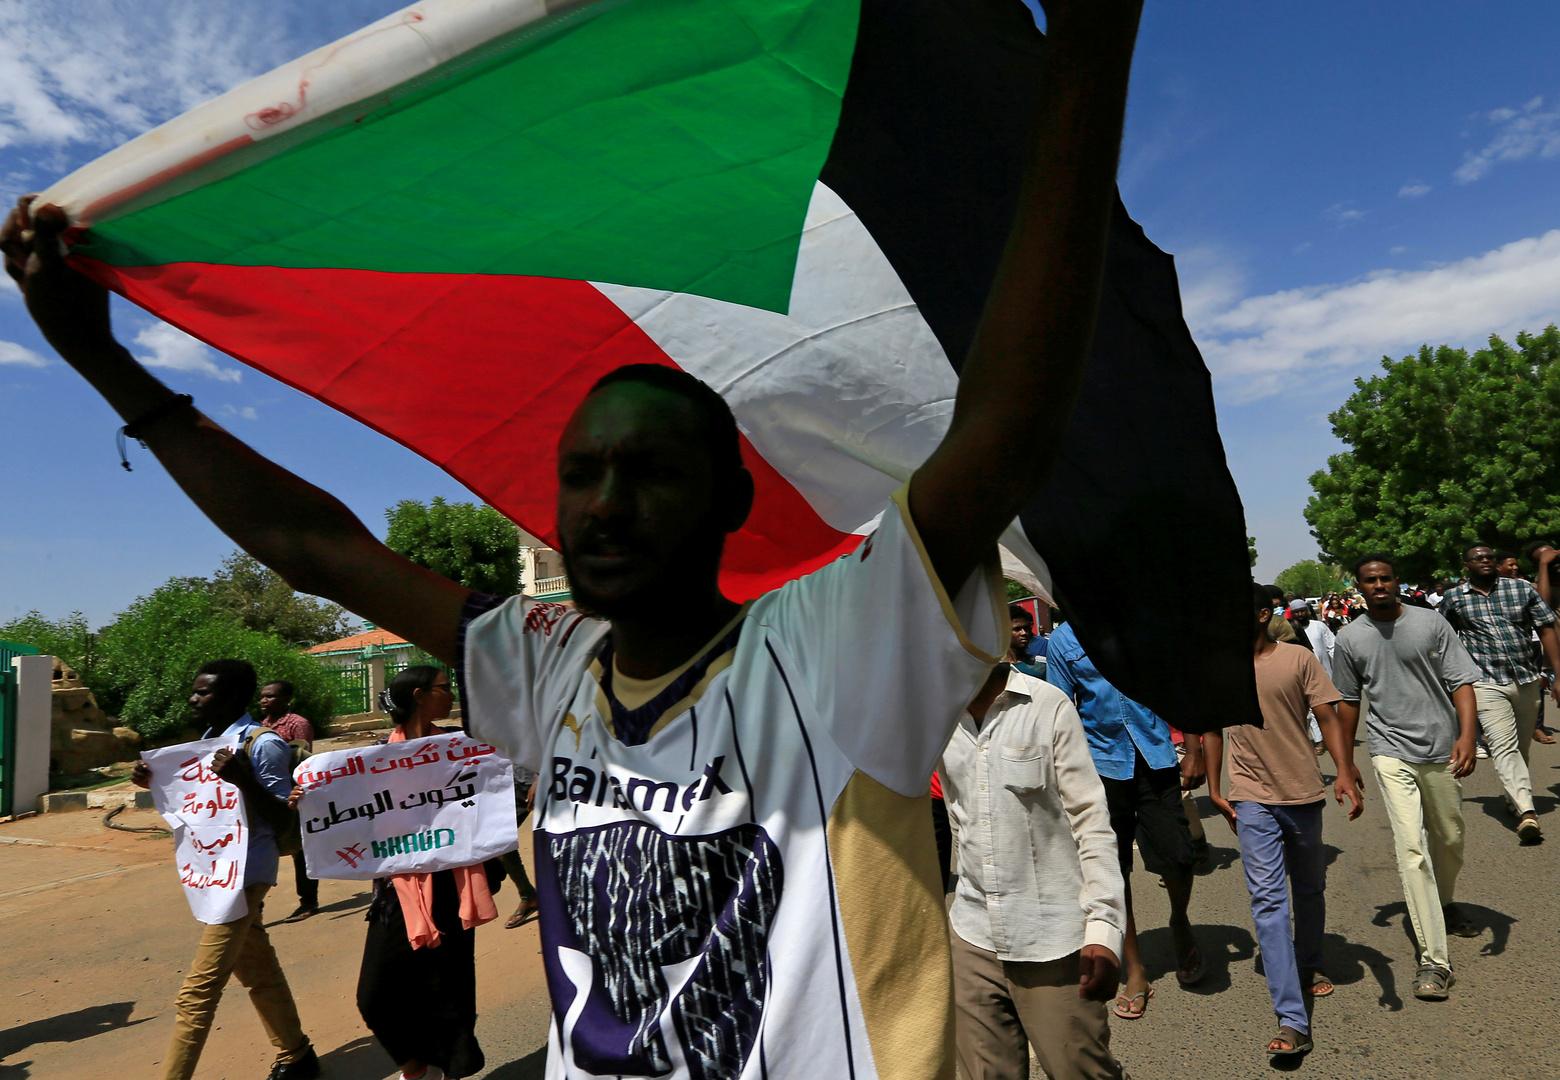 على خلفية مقتل نوري.. تجمع المهنيين السودانيين يعلن